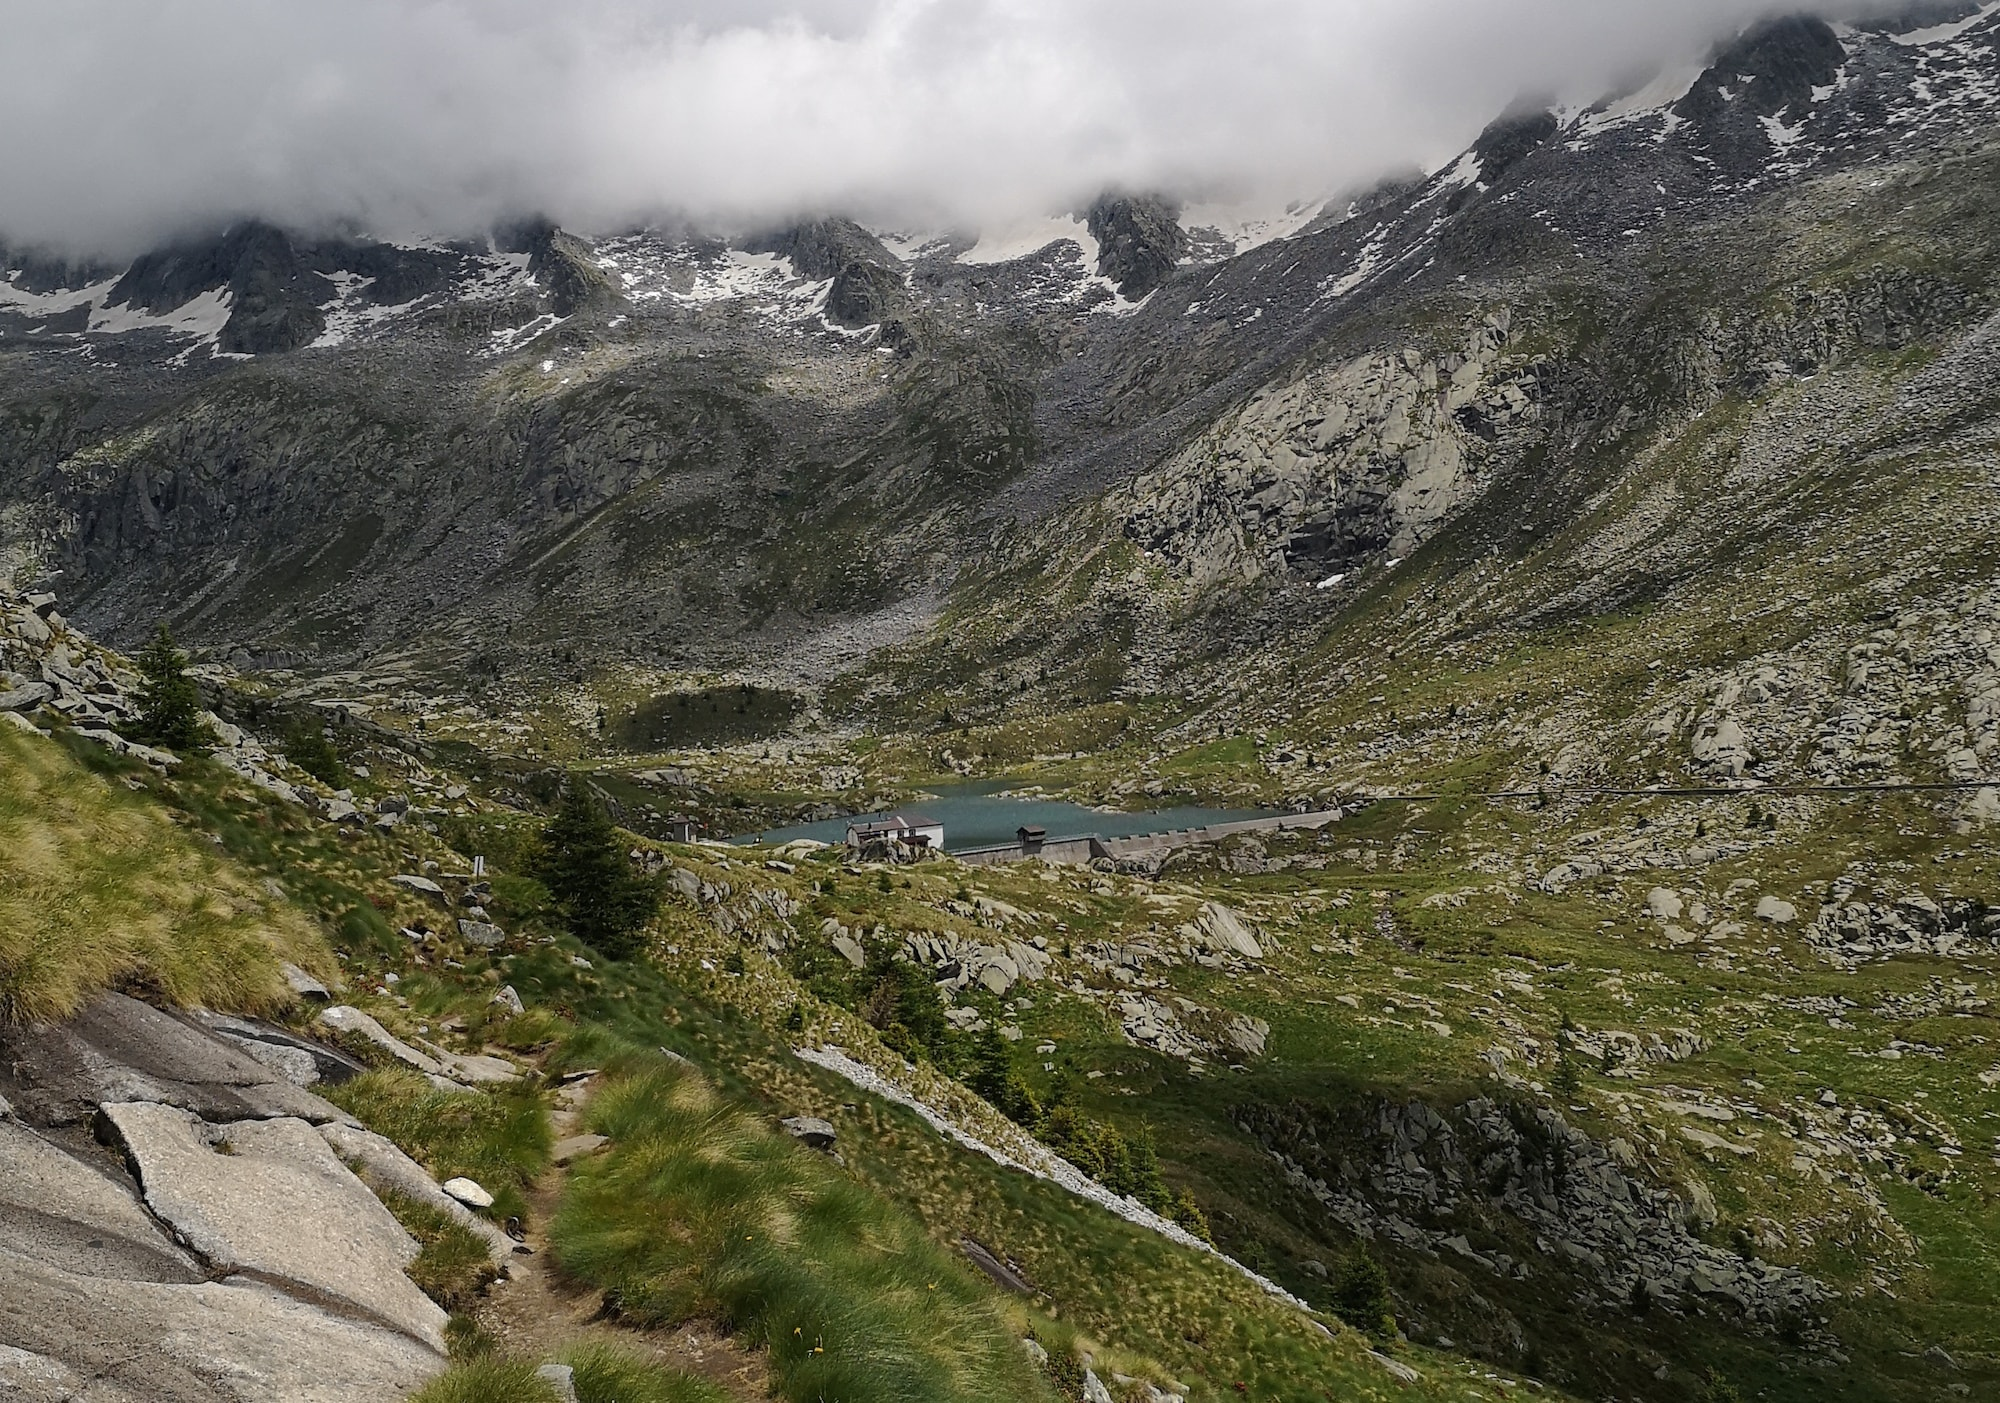 escursioni-in-lombardia-trekking-al-rifugio-gnutti-e-al-rifugio-baitone-sentieri